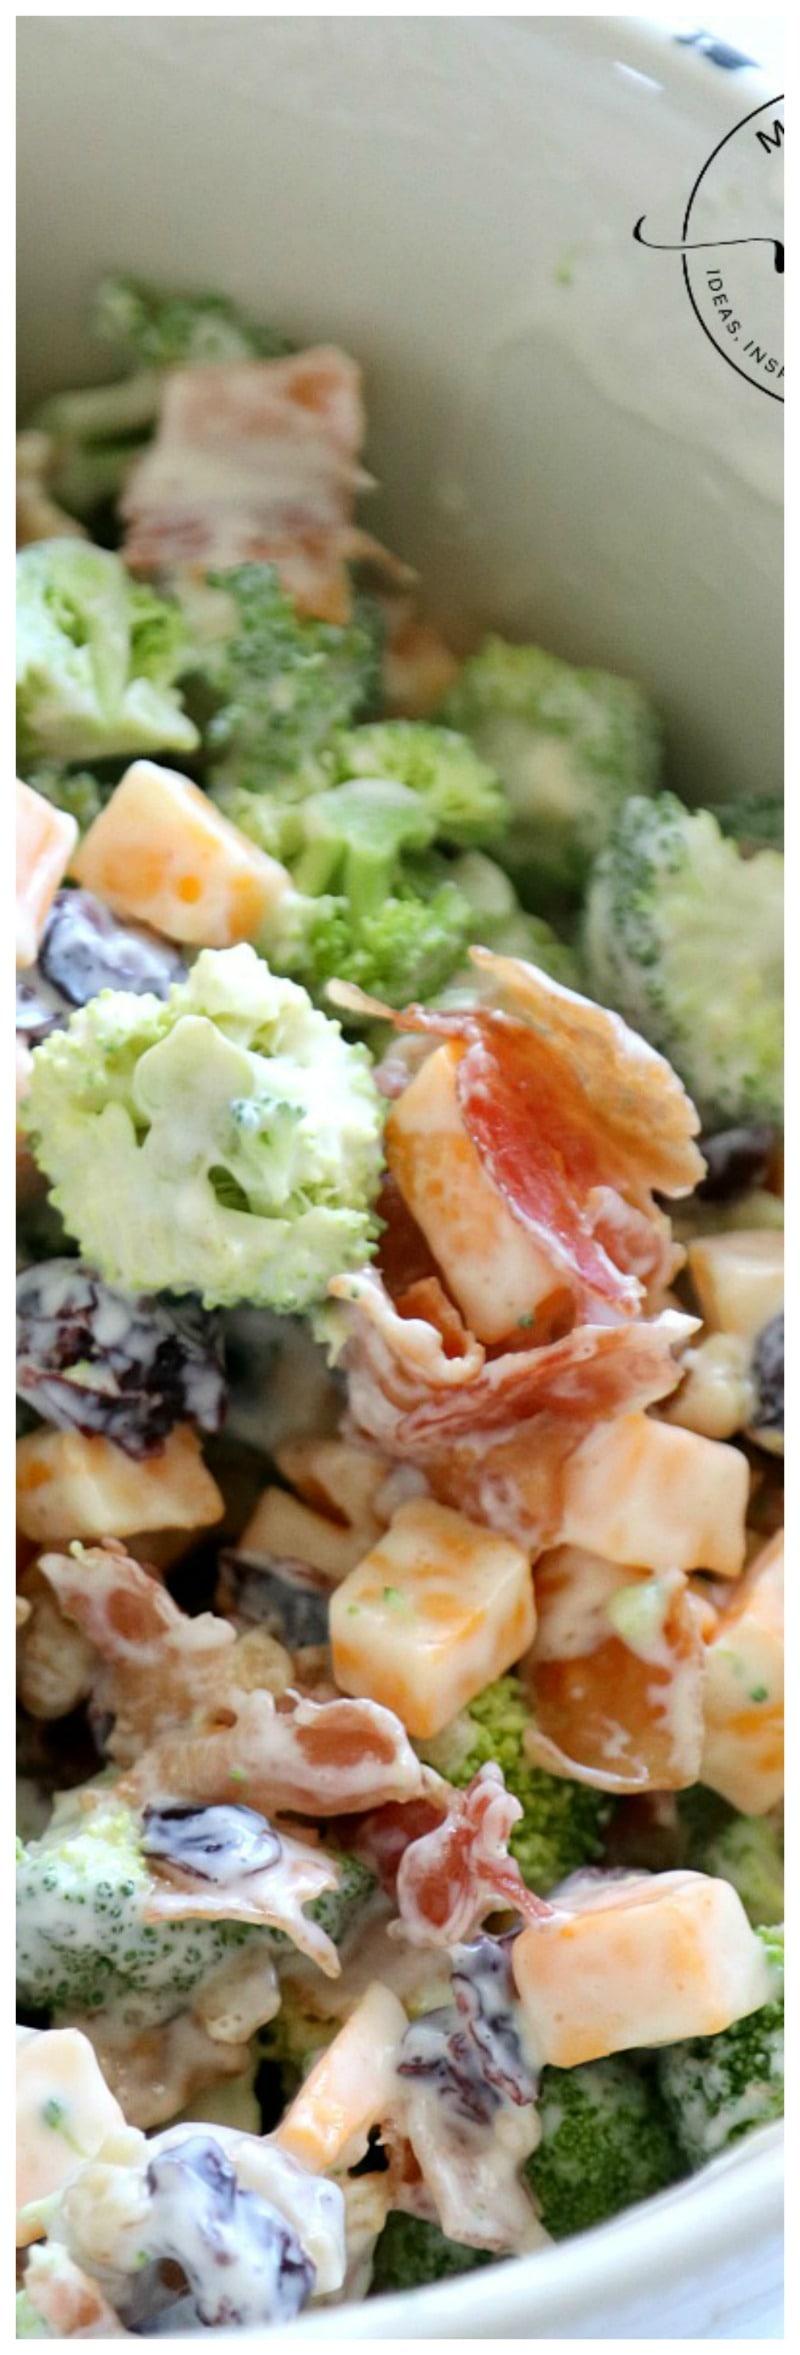 Easy Bacon Broccoli Salad: Grandma will Approve!